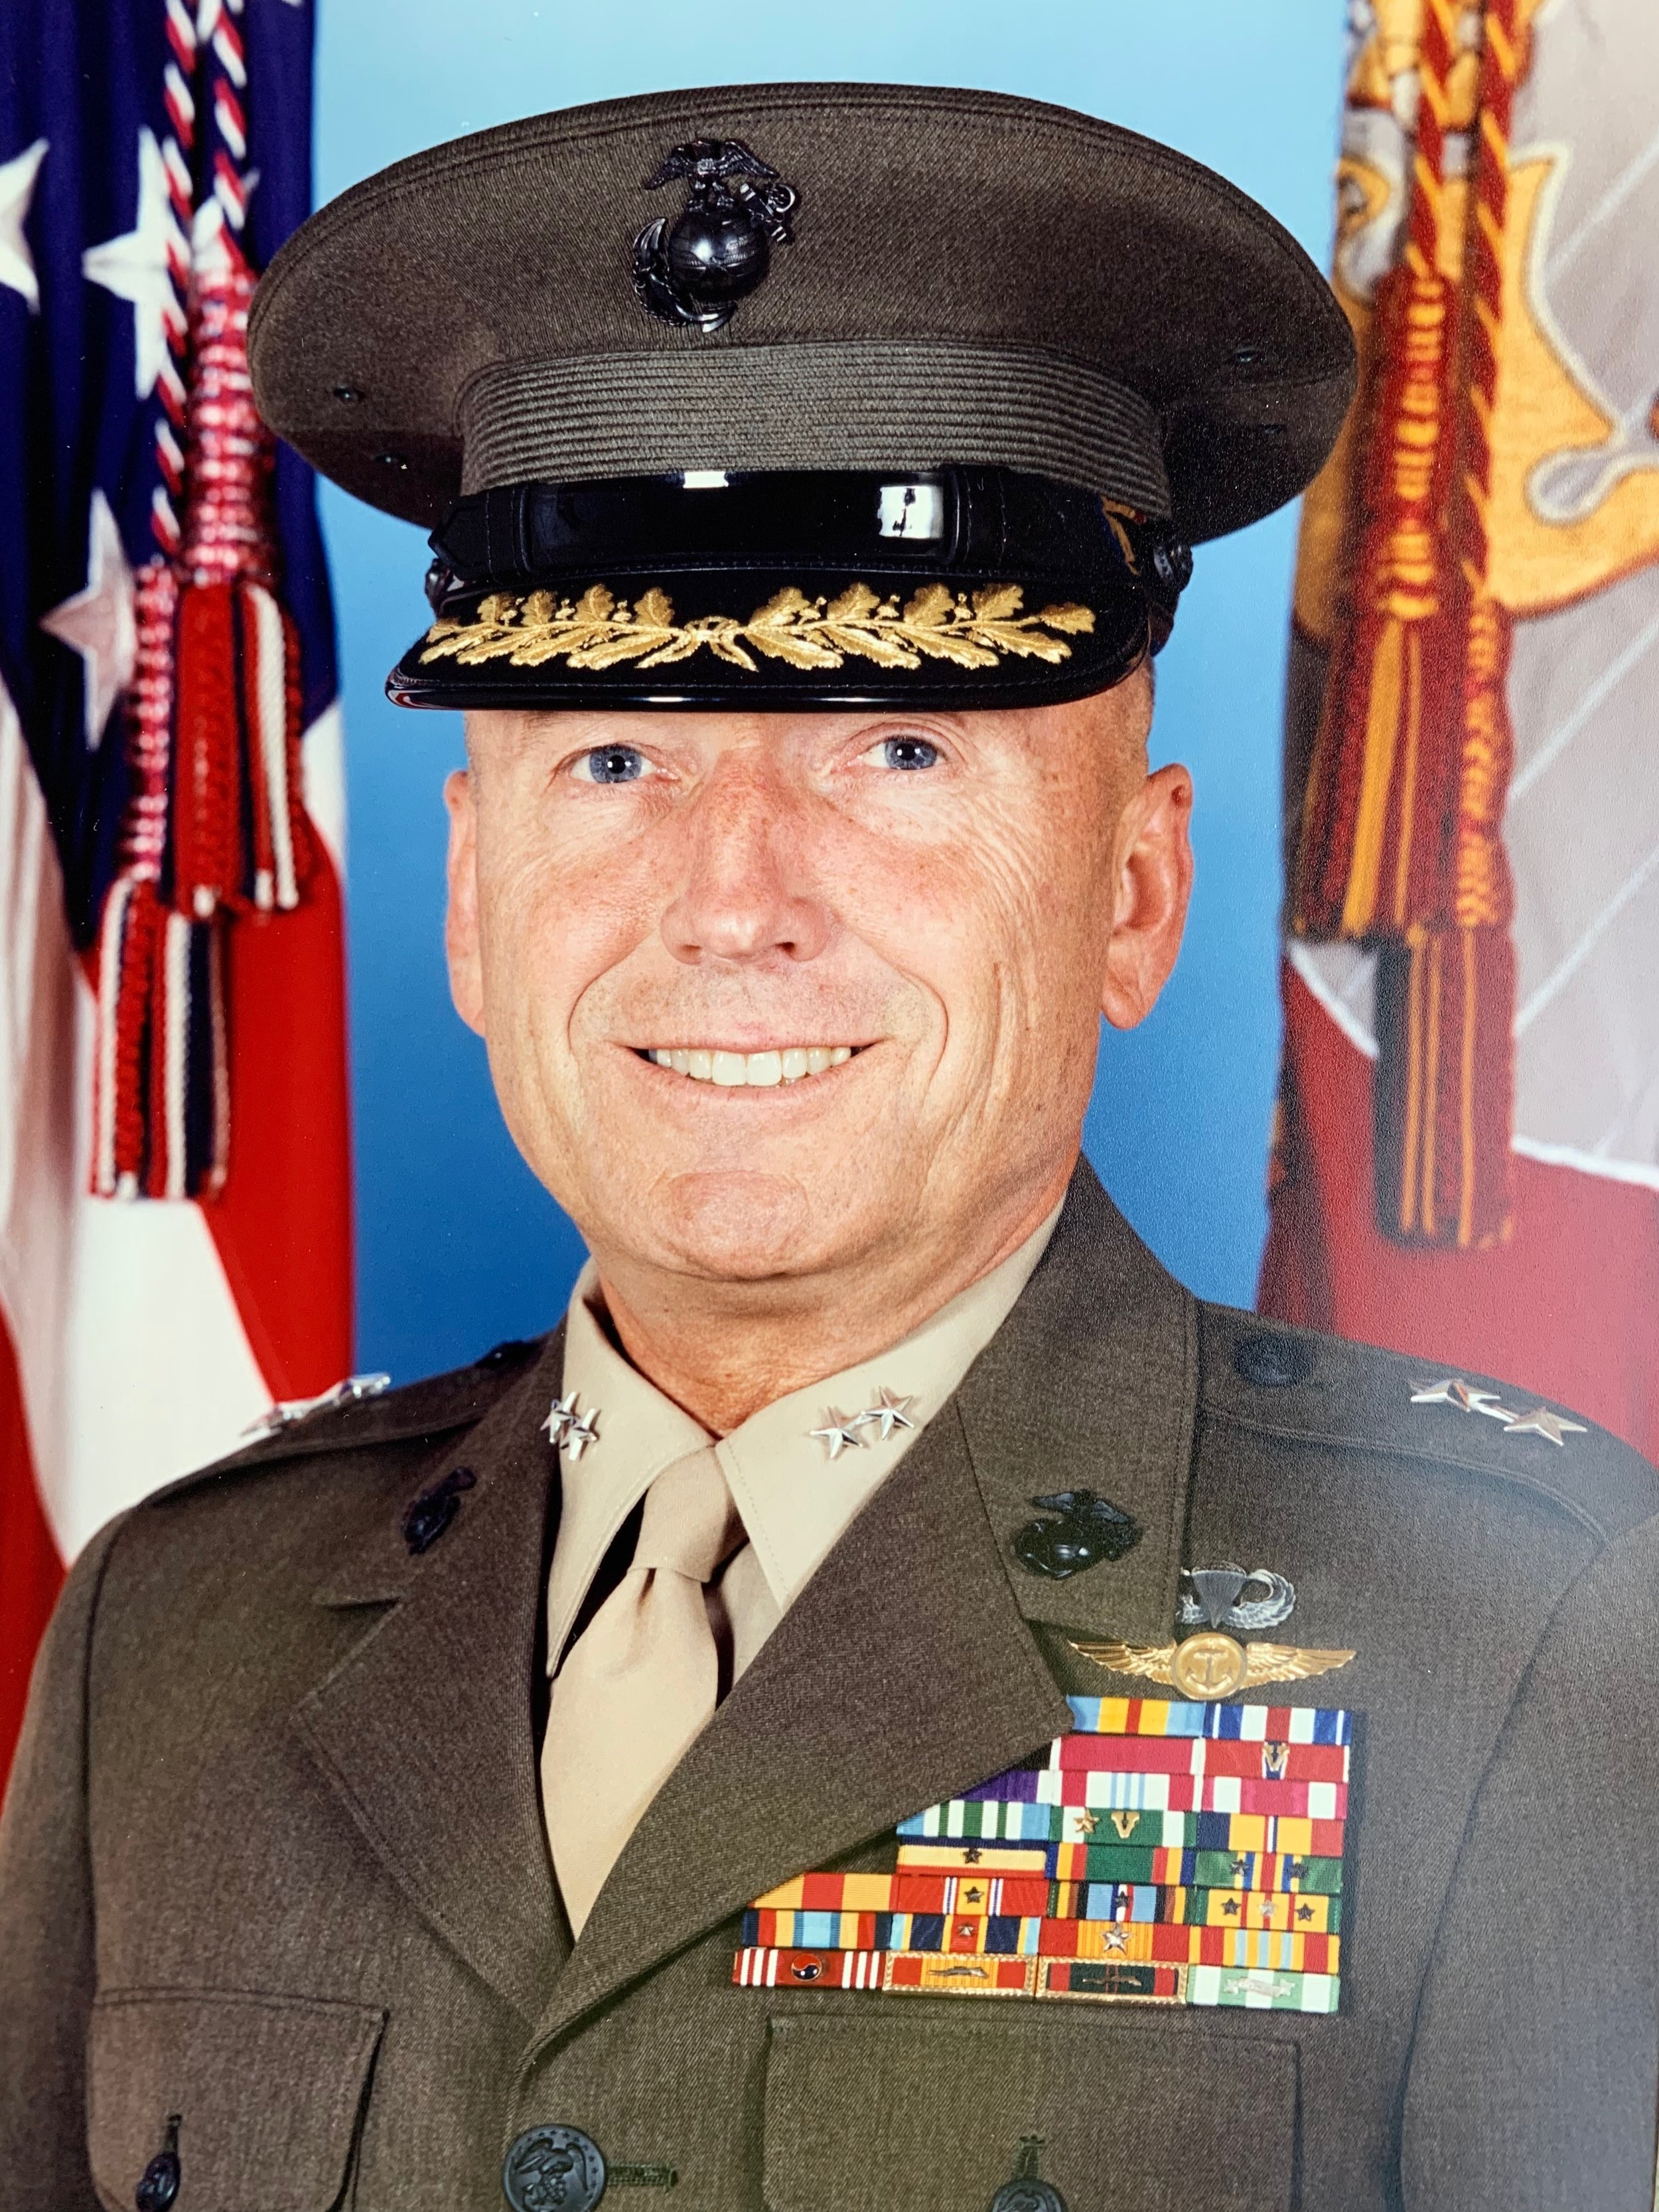 Bill Eshelman